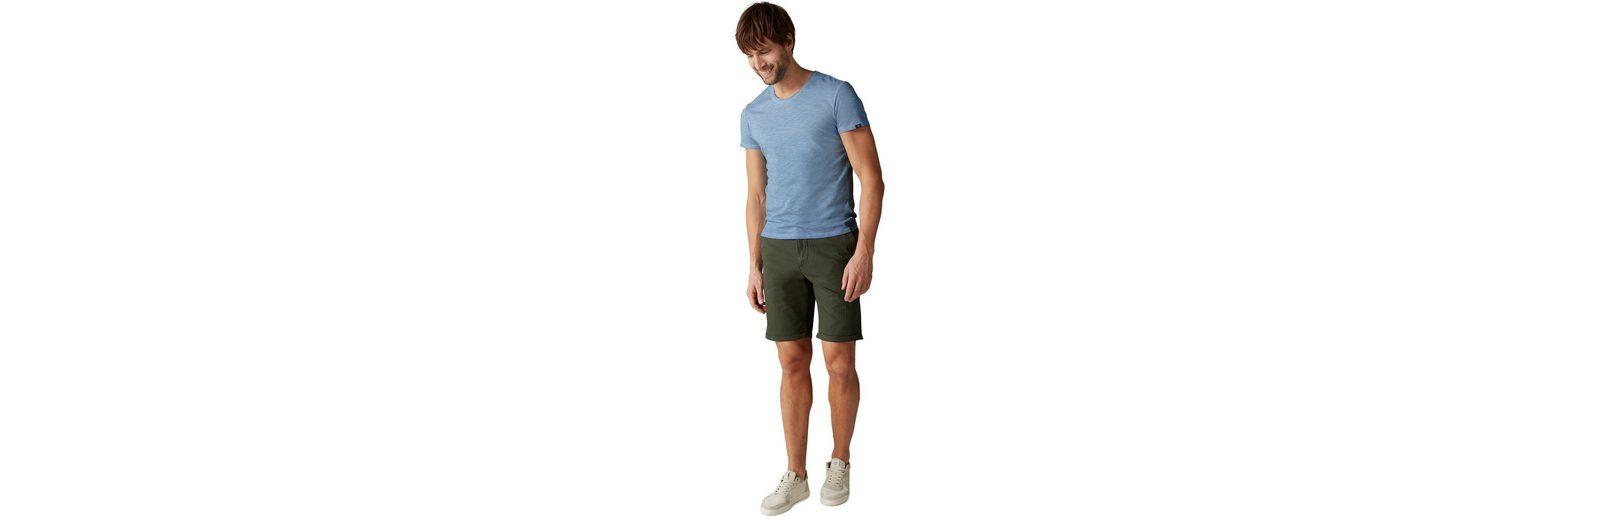 Marc O'Polo T-Shirt Sneakernews Online Gefälschte Online Billig Verkauf Limitierter Auflage Günstig Kaufen Besten Verkauf Verkauf Der Billigsten 9zohvkPJ2C